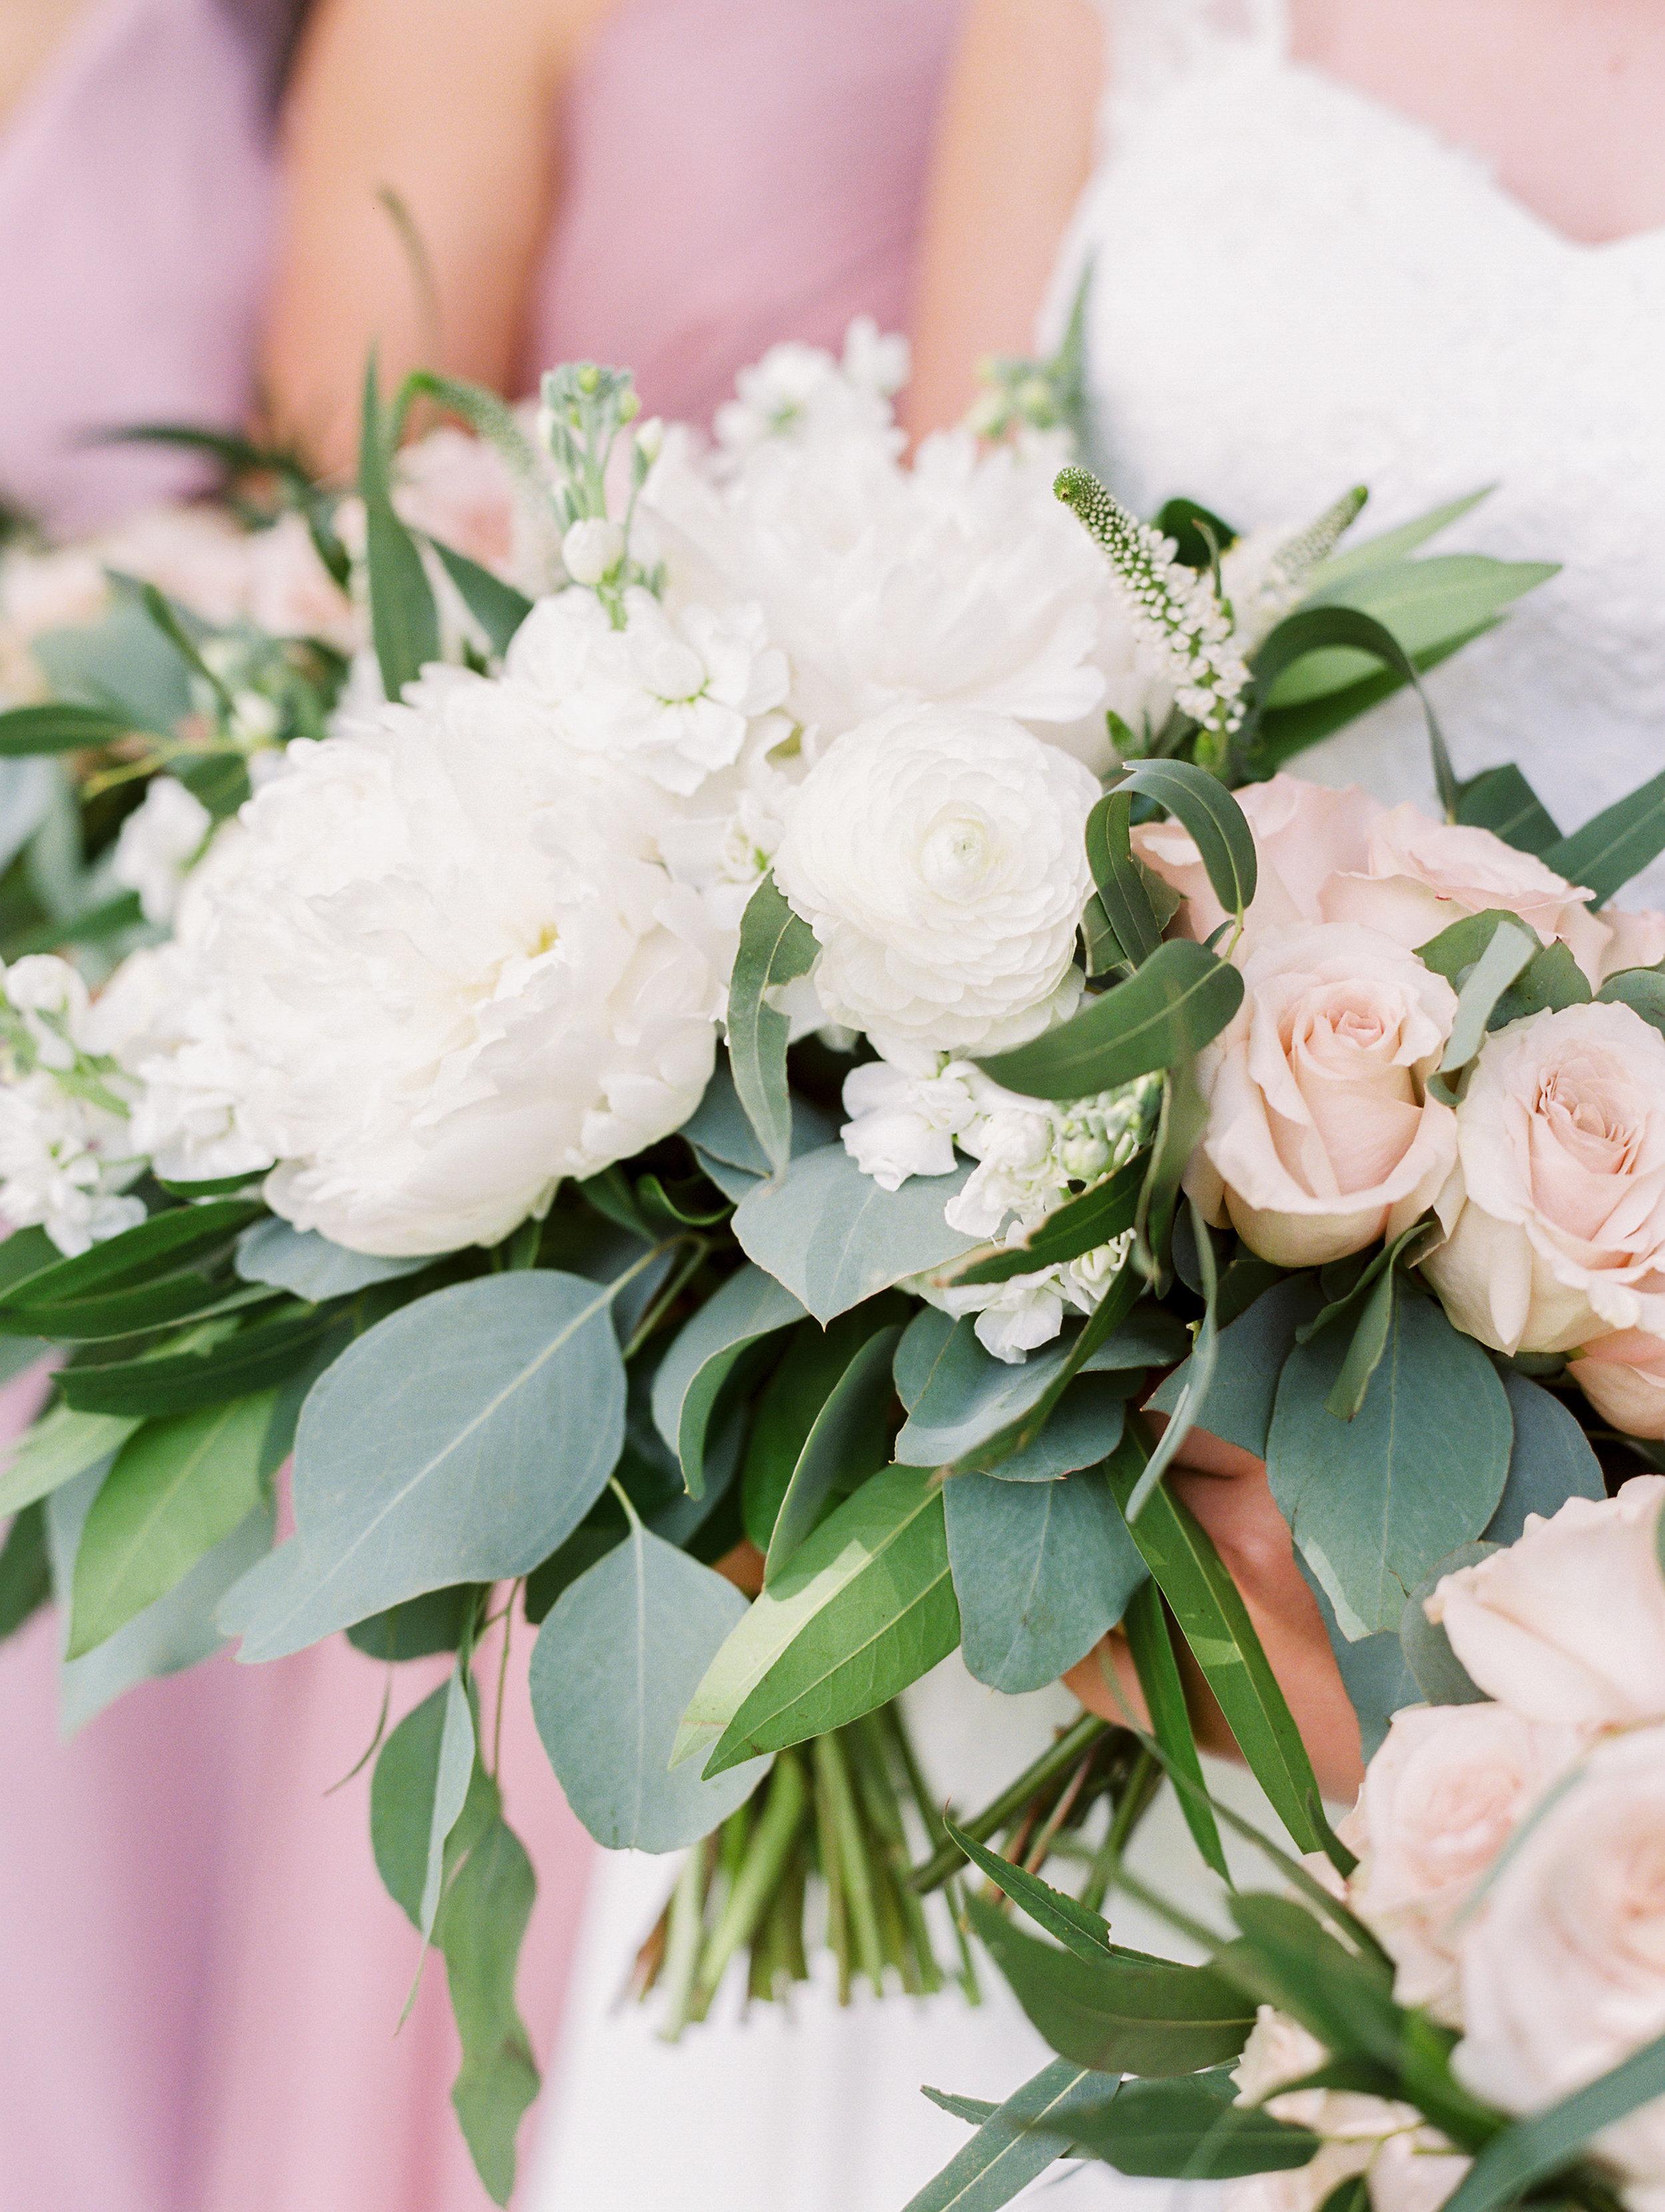 Julius+Wedding+BridalPartyf-14.jpg